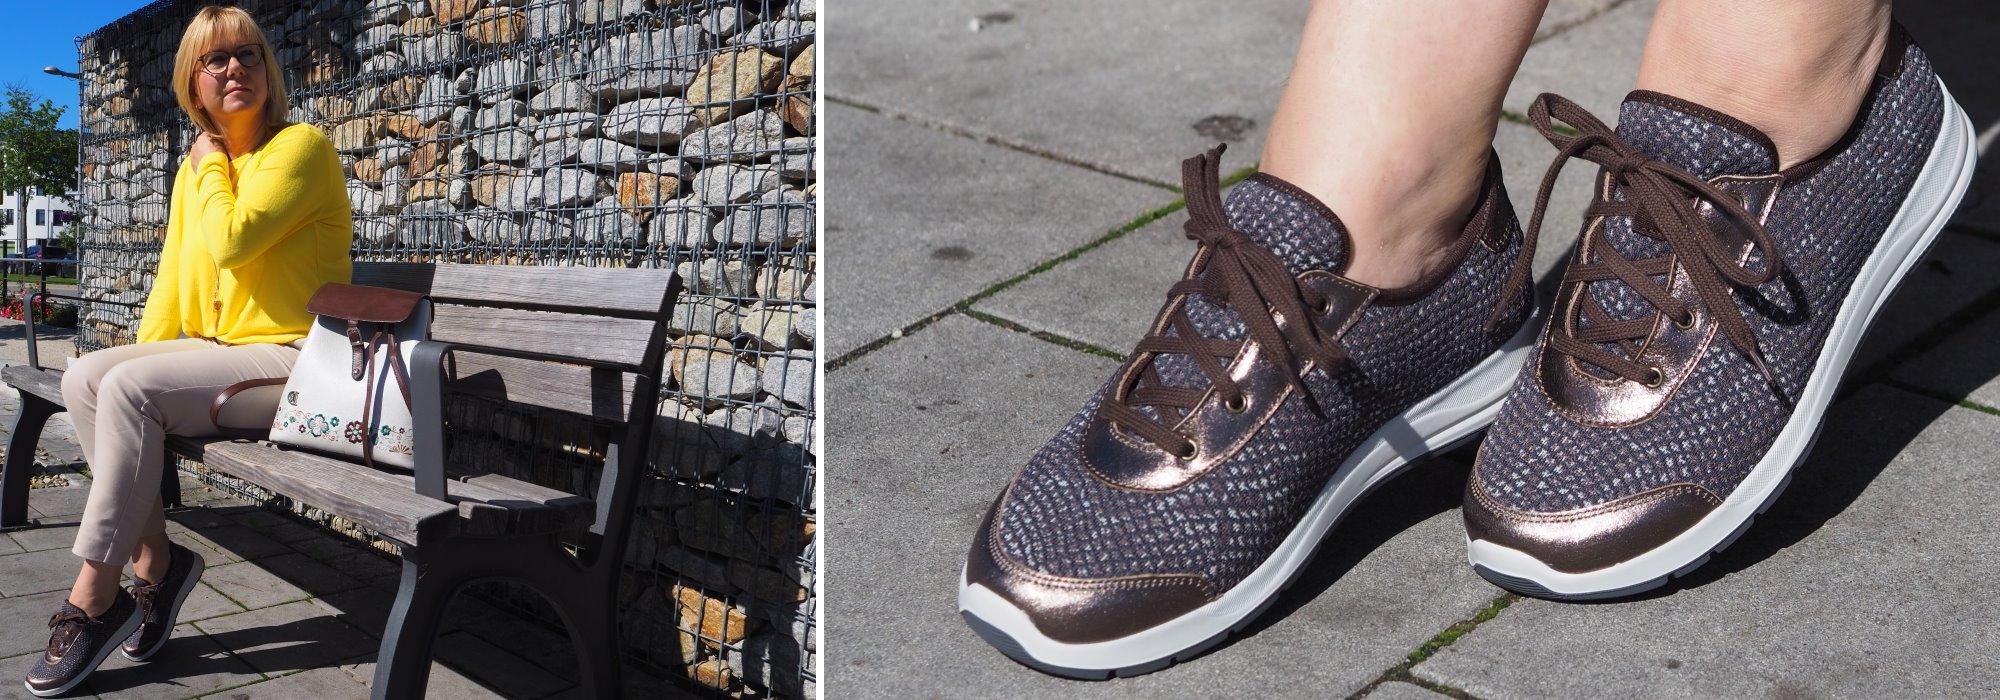 Hallux valgus Schuhe online kaufen Florett der Spezialist